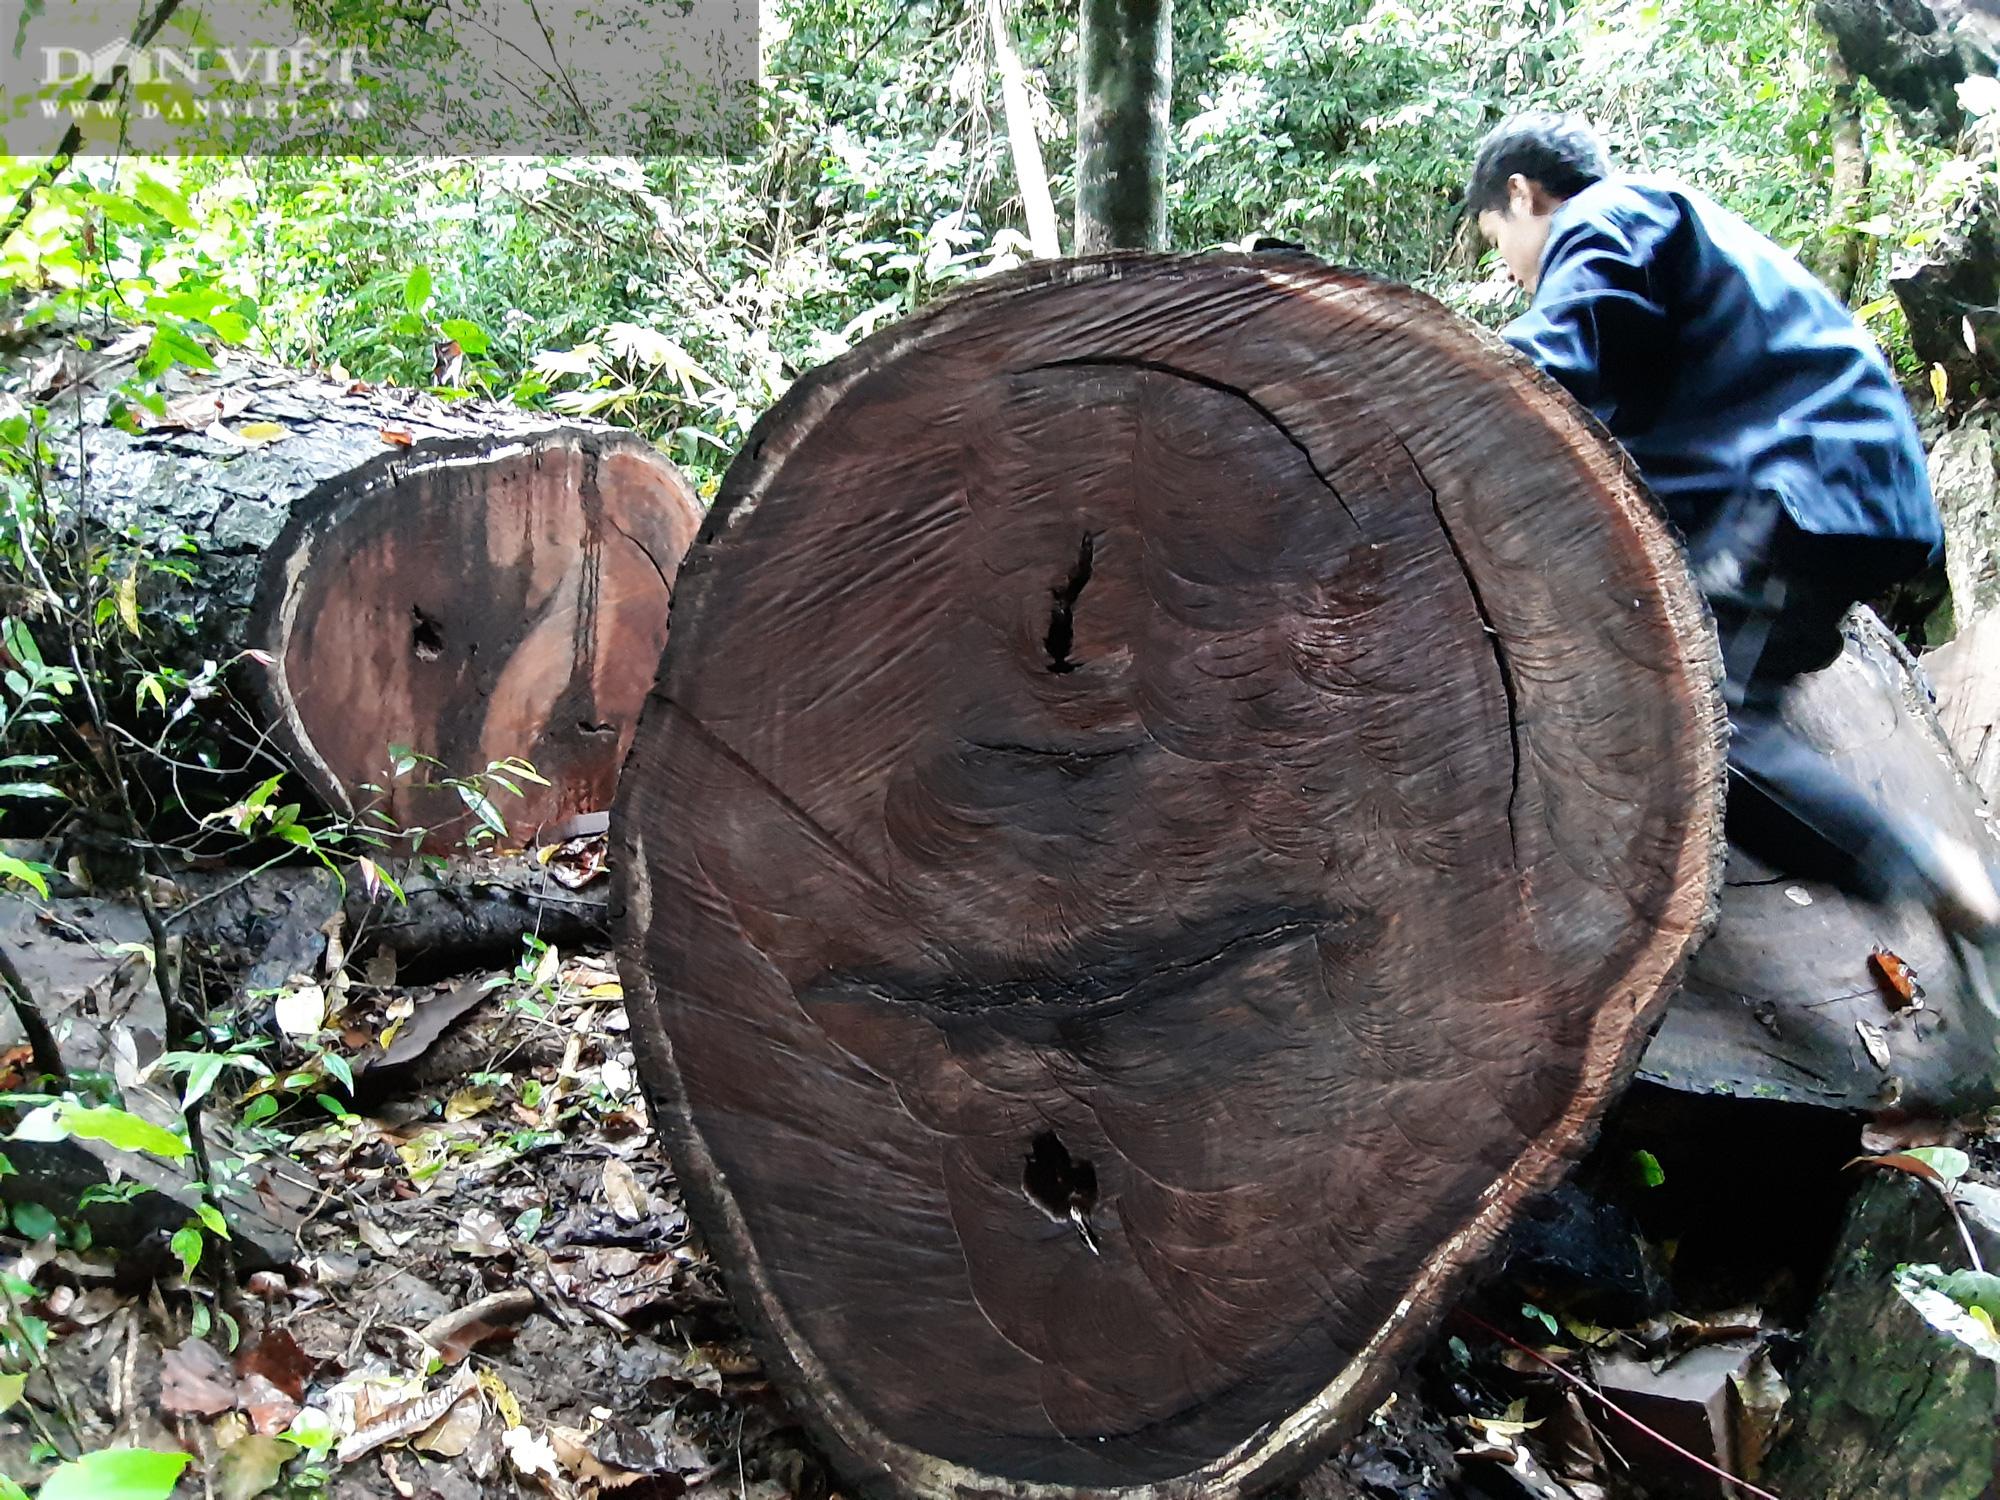 Khởi tố vụ án phá rừng tại rừng đặc dụng Na Hang - Ảnh 3.